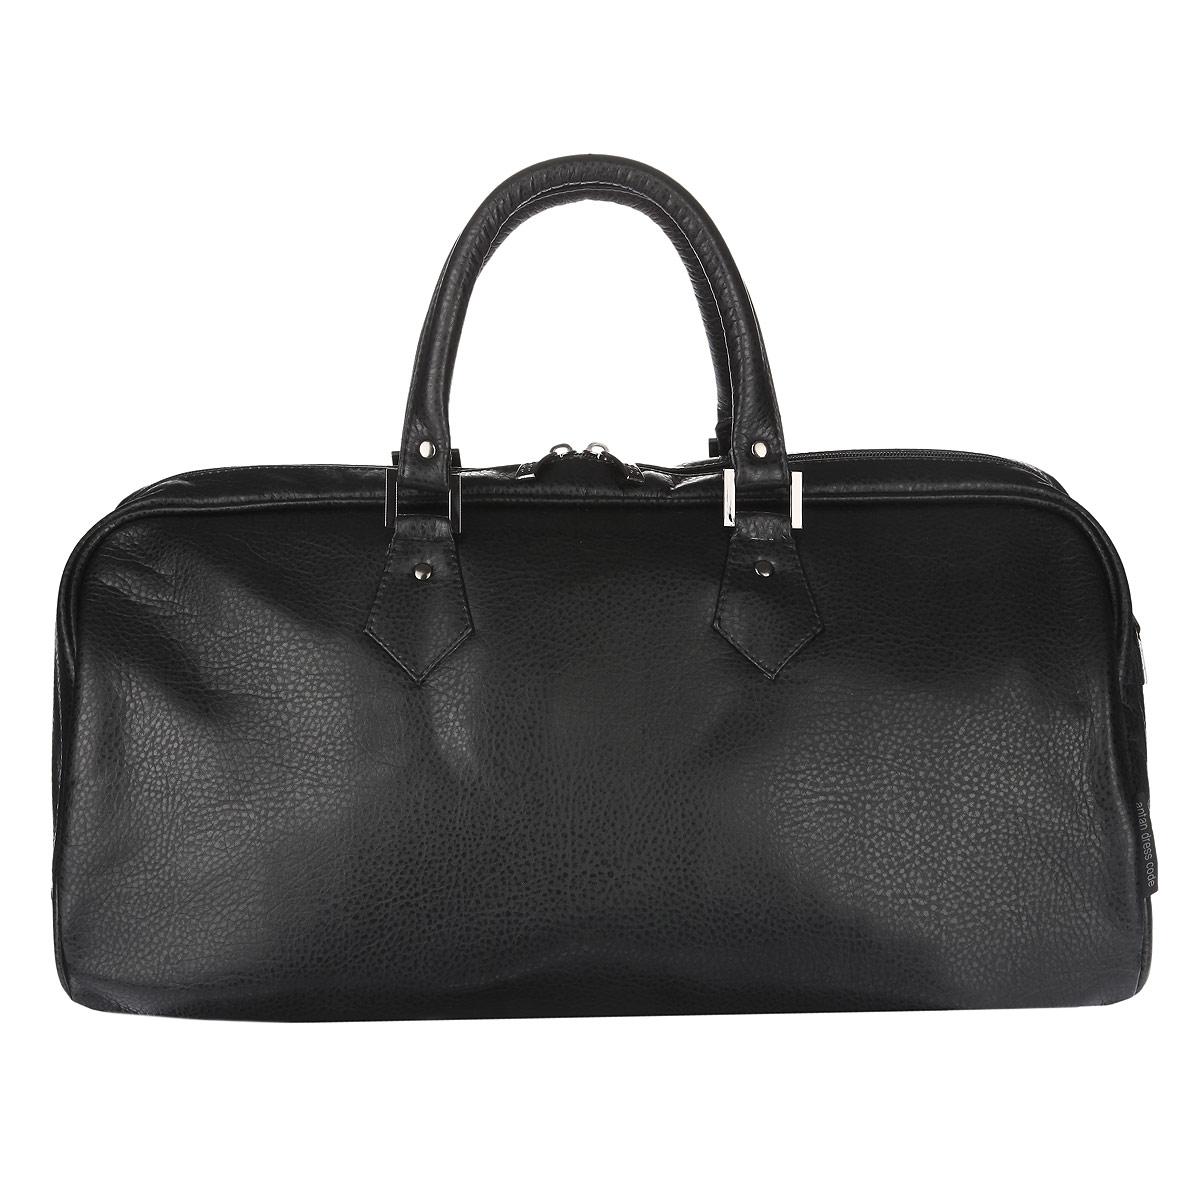 Сумка дорожная Antan, цвет: черный. 2-132 В101057Вместительная дорожная сумка Antan выполнена из искусственной кожи и состоит из одного вместительного отделения, закрывающегося на пластиковую застежку-молнию с двумя бегунками. Внутри расположен вшитый карман на застежке-молнии. Сумка оснащена двумя удобными ручками и съемным плечевым регулируемым ремнем. Дно уплотнено.Такая модель отлично подойдет для поездок